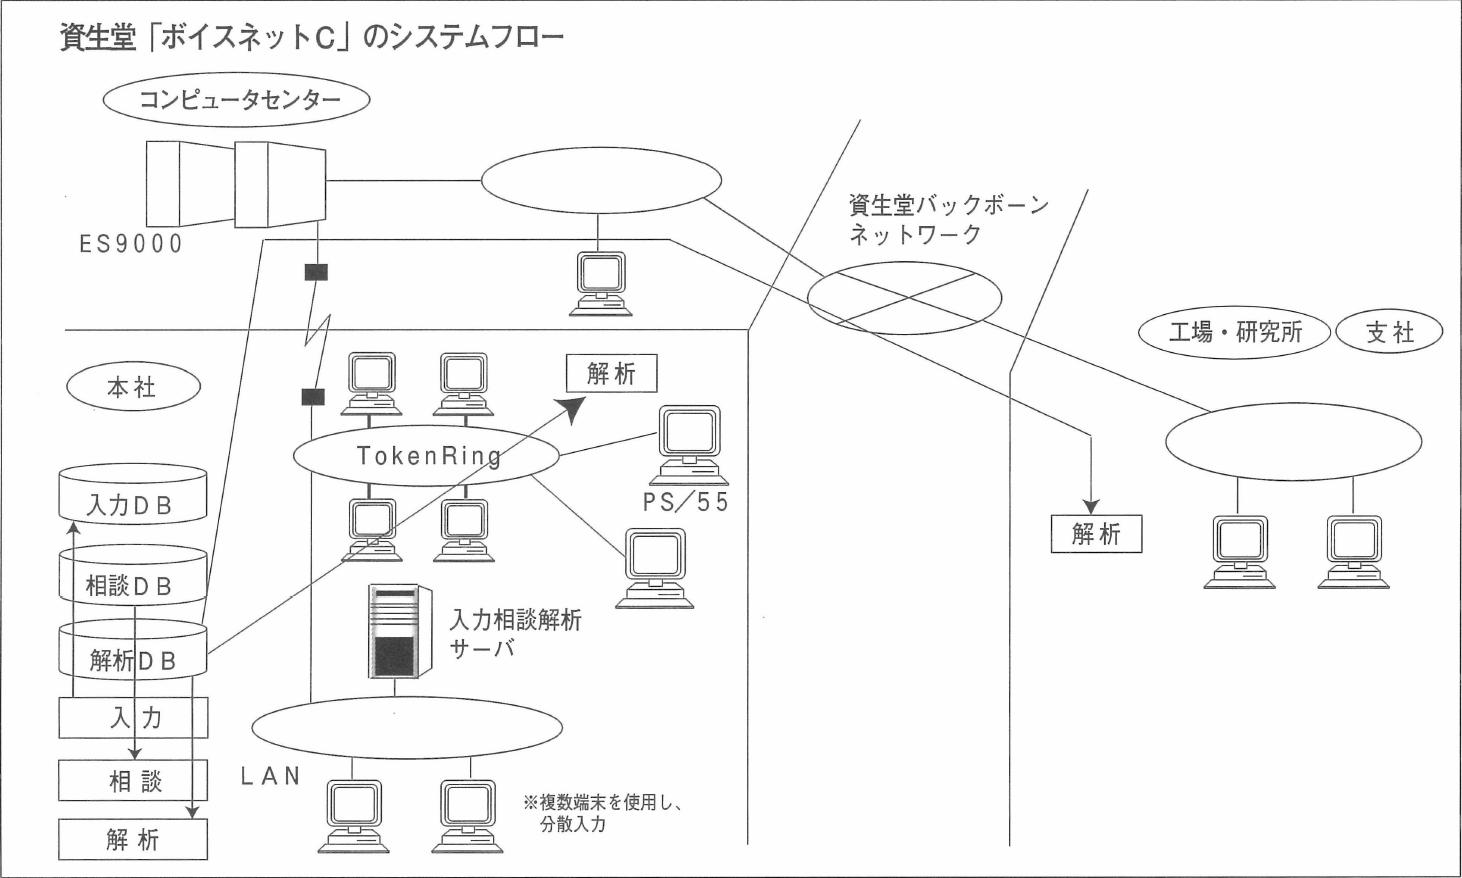 資生堂「ボイスネットC」のシステムフロー